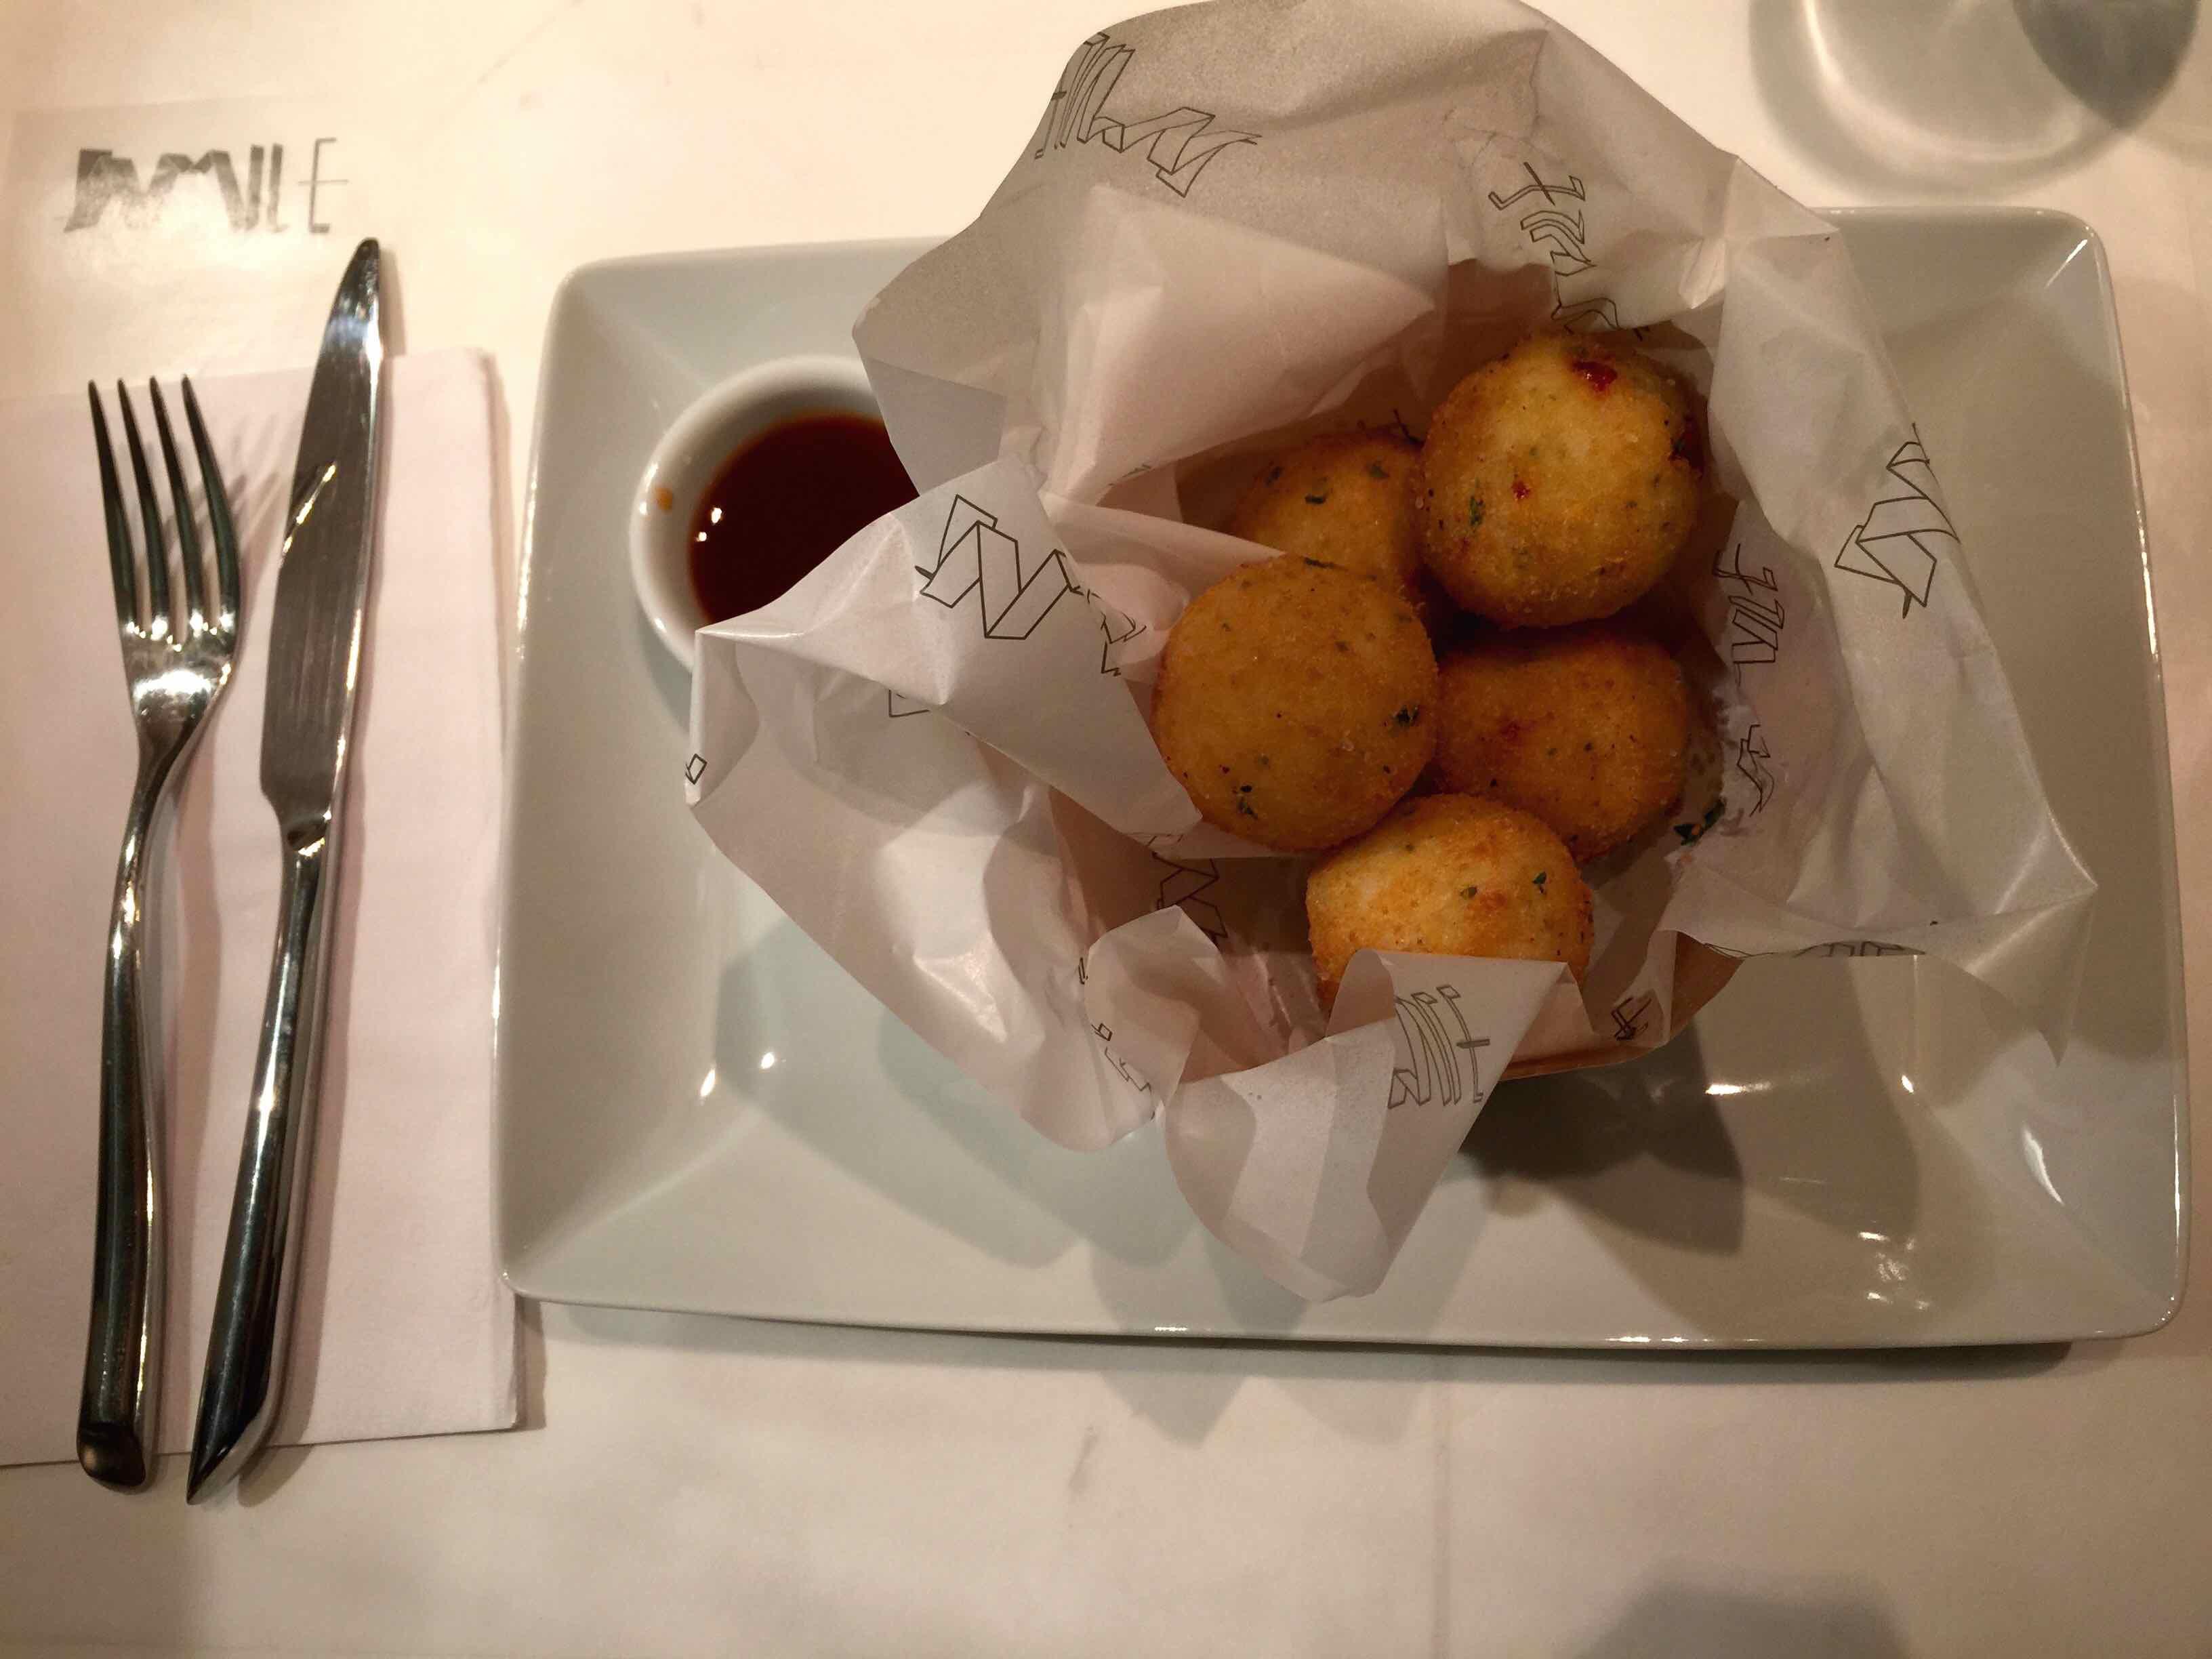 jamile_restaurante_sp4